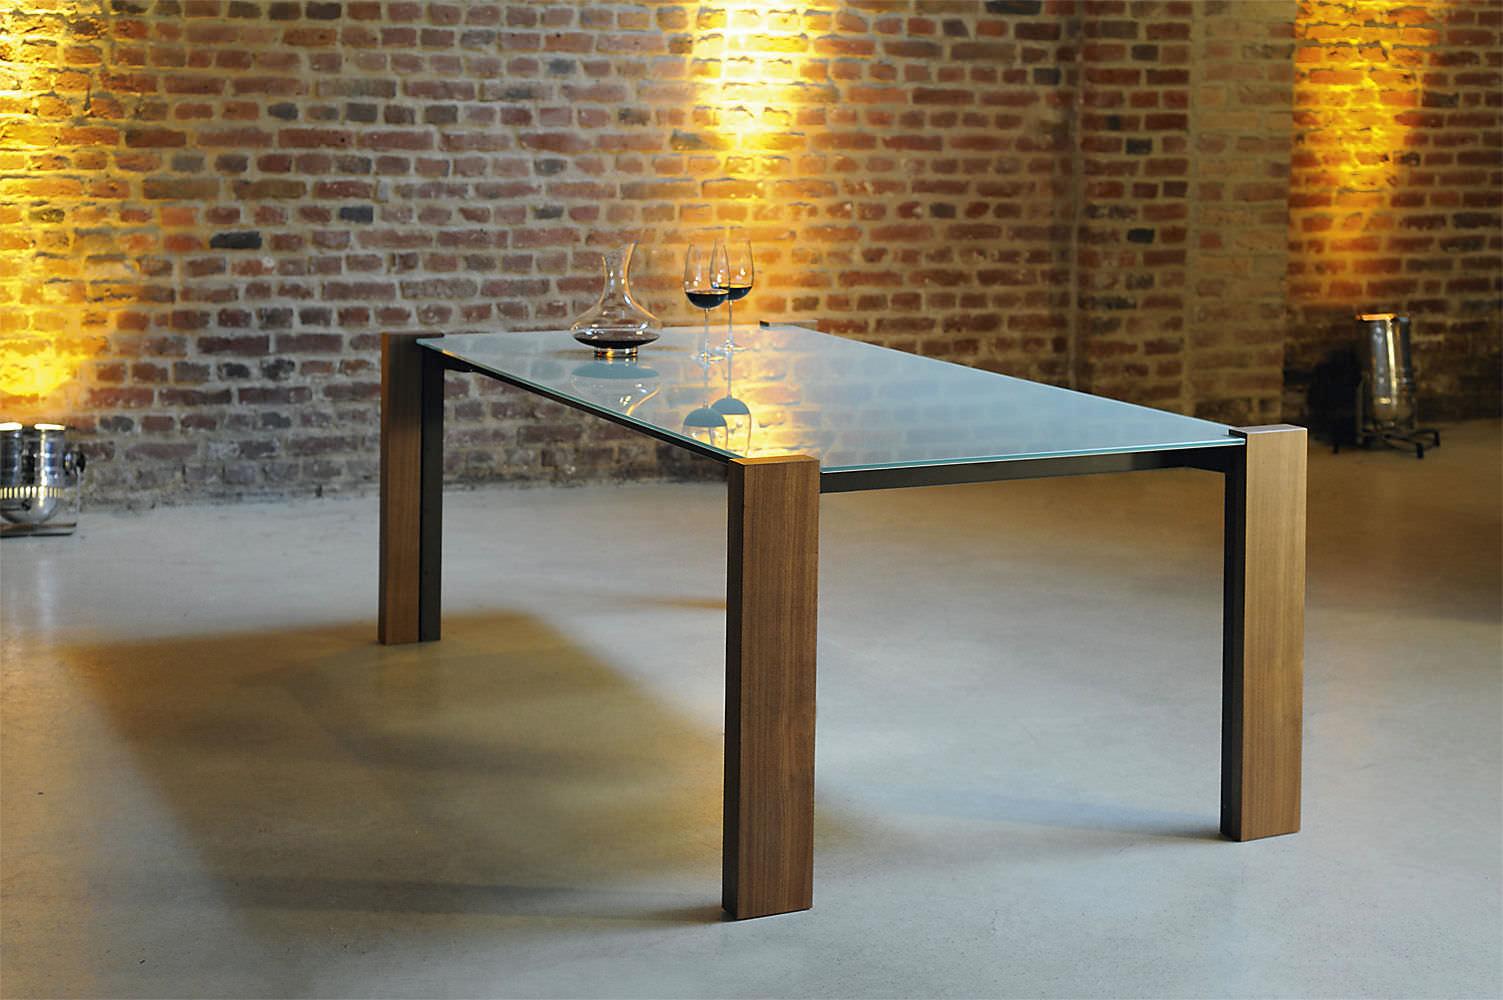 moderne esstisch / glas / rechteckig / für innenbereich, Esstisch ideennn